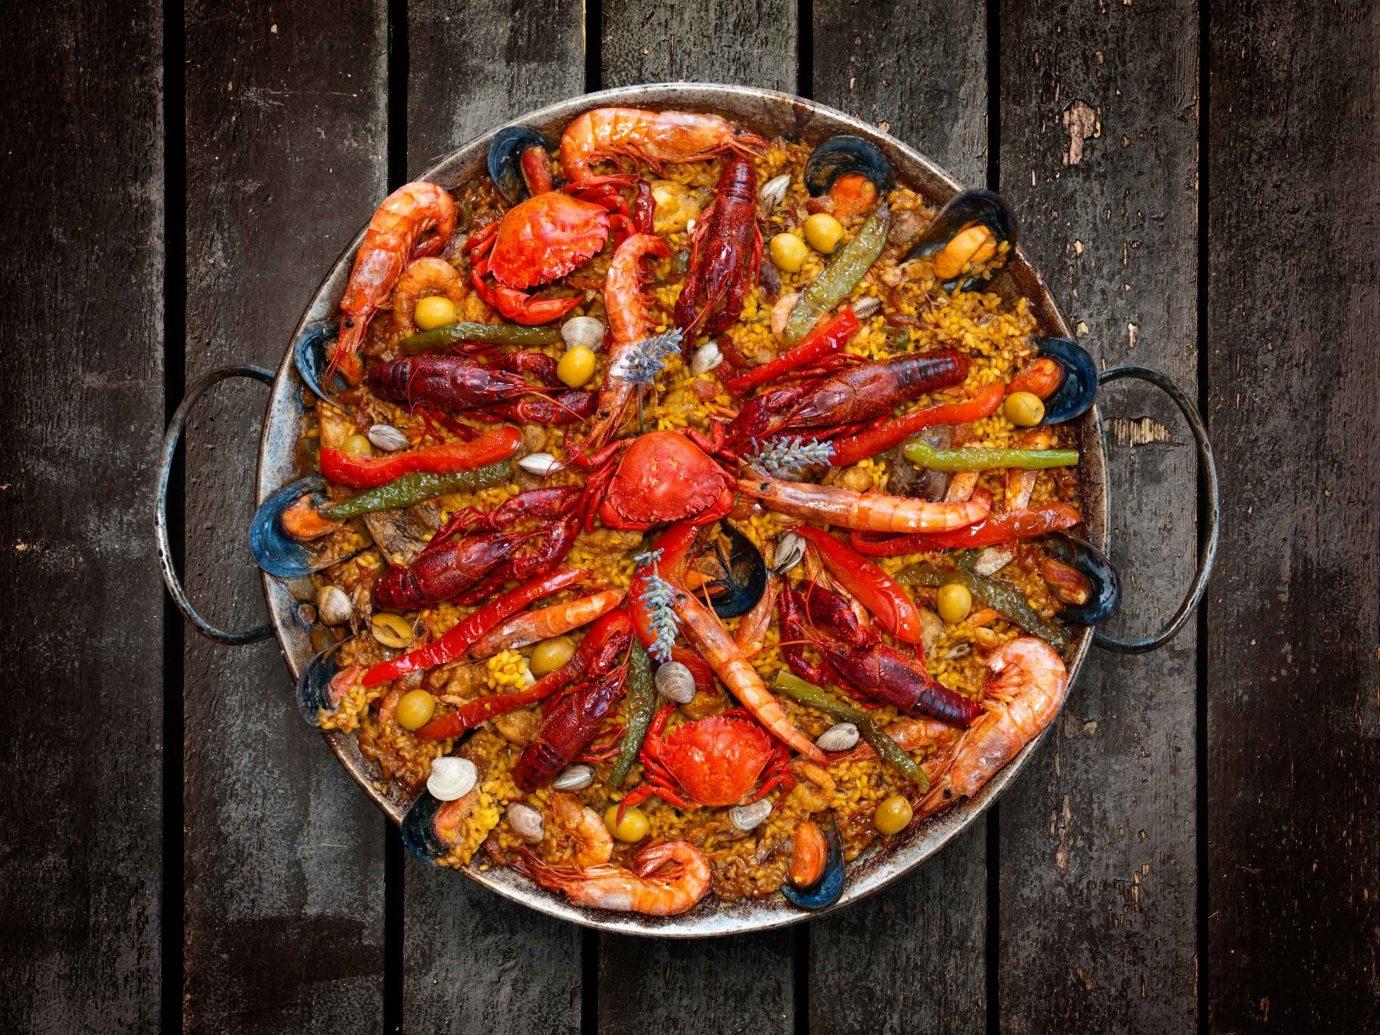 Food + Drink pizza dish food cuisine italian food european food produce meat vegetable paella sliced pan fresh cooked